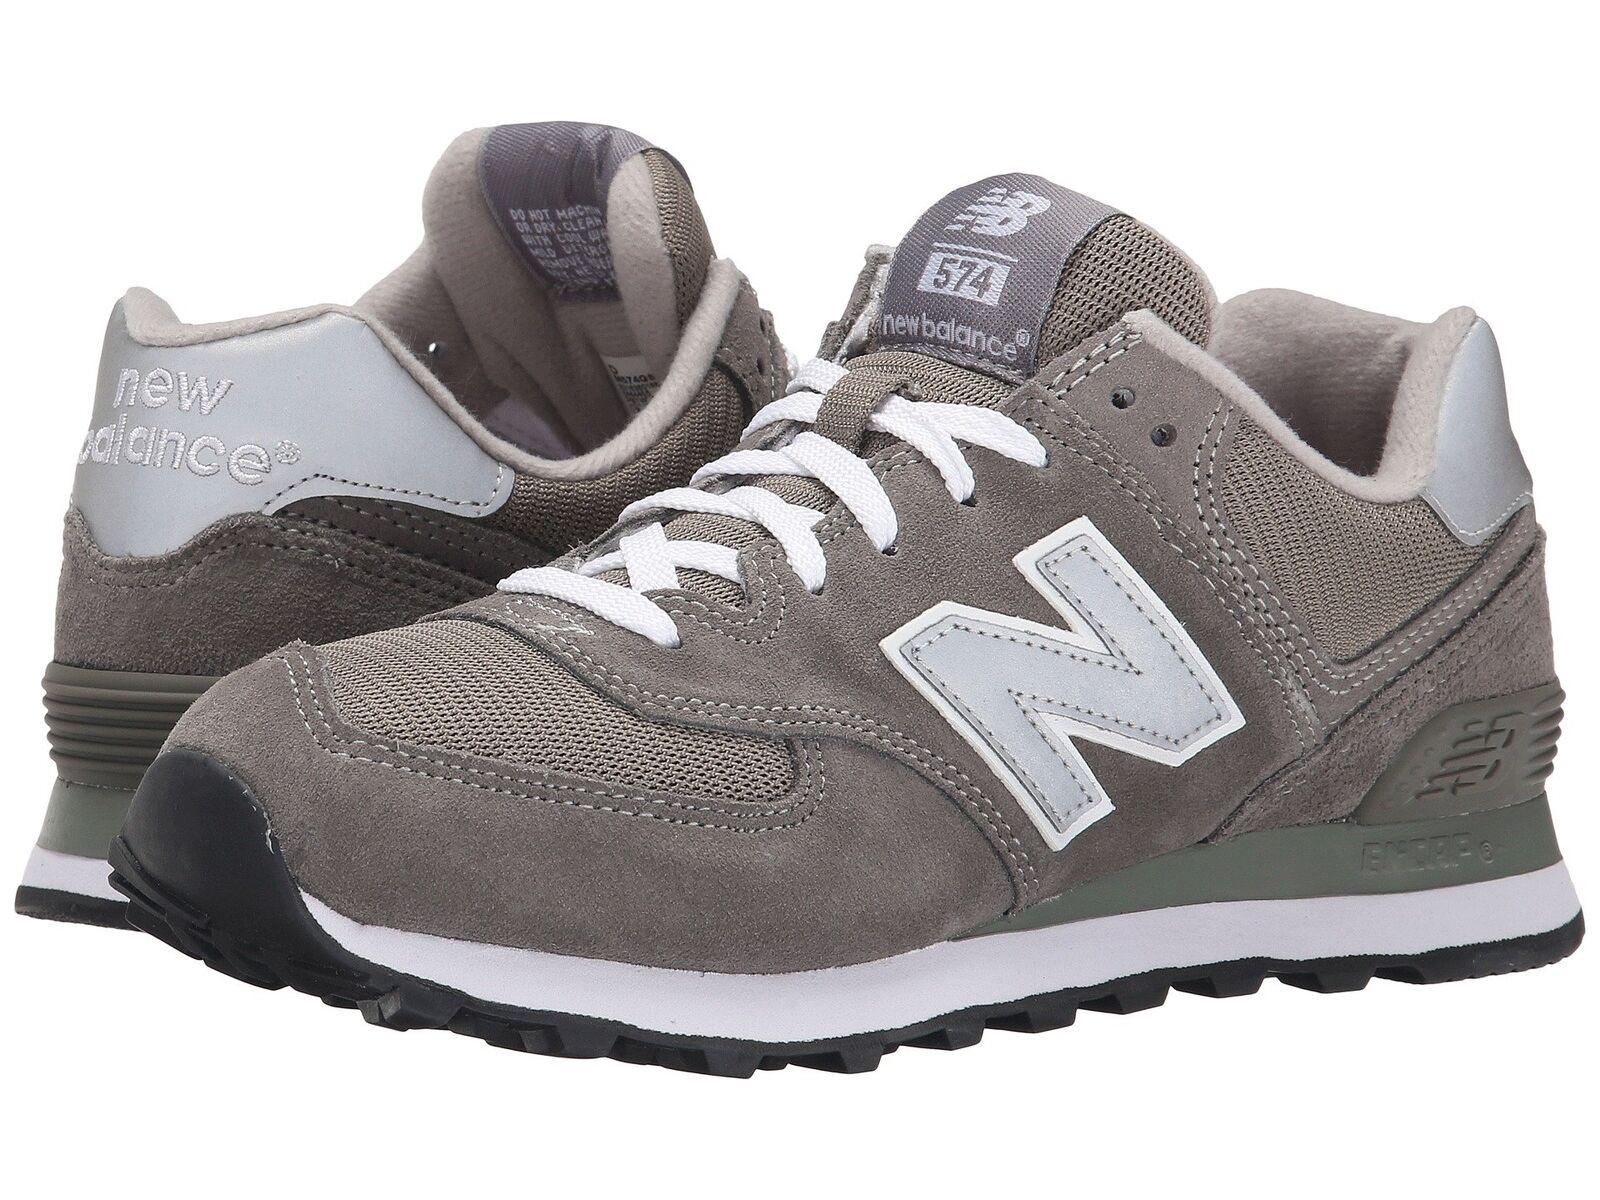 NEW BALANCE Mens 'Classics M574' Sneakers Gray Encap Sneakers M574' Sz 8-15 EE NEW! 229773 f5187d